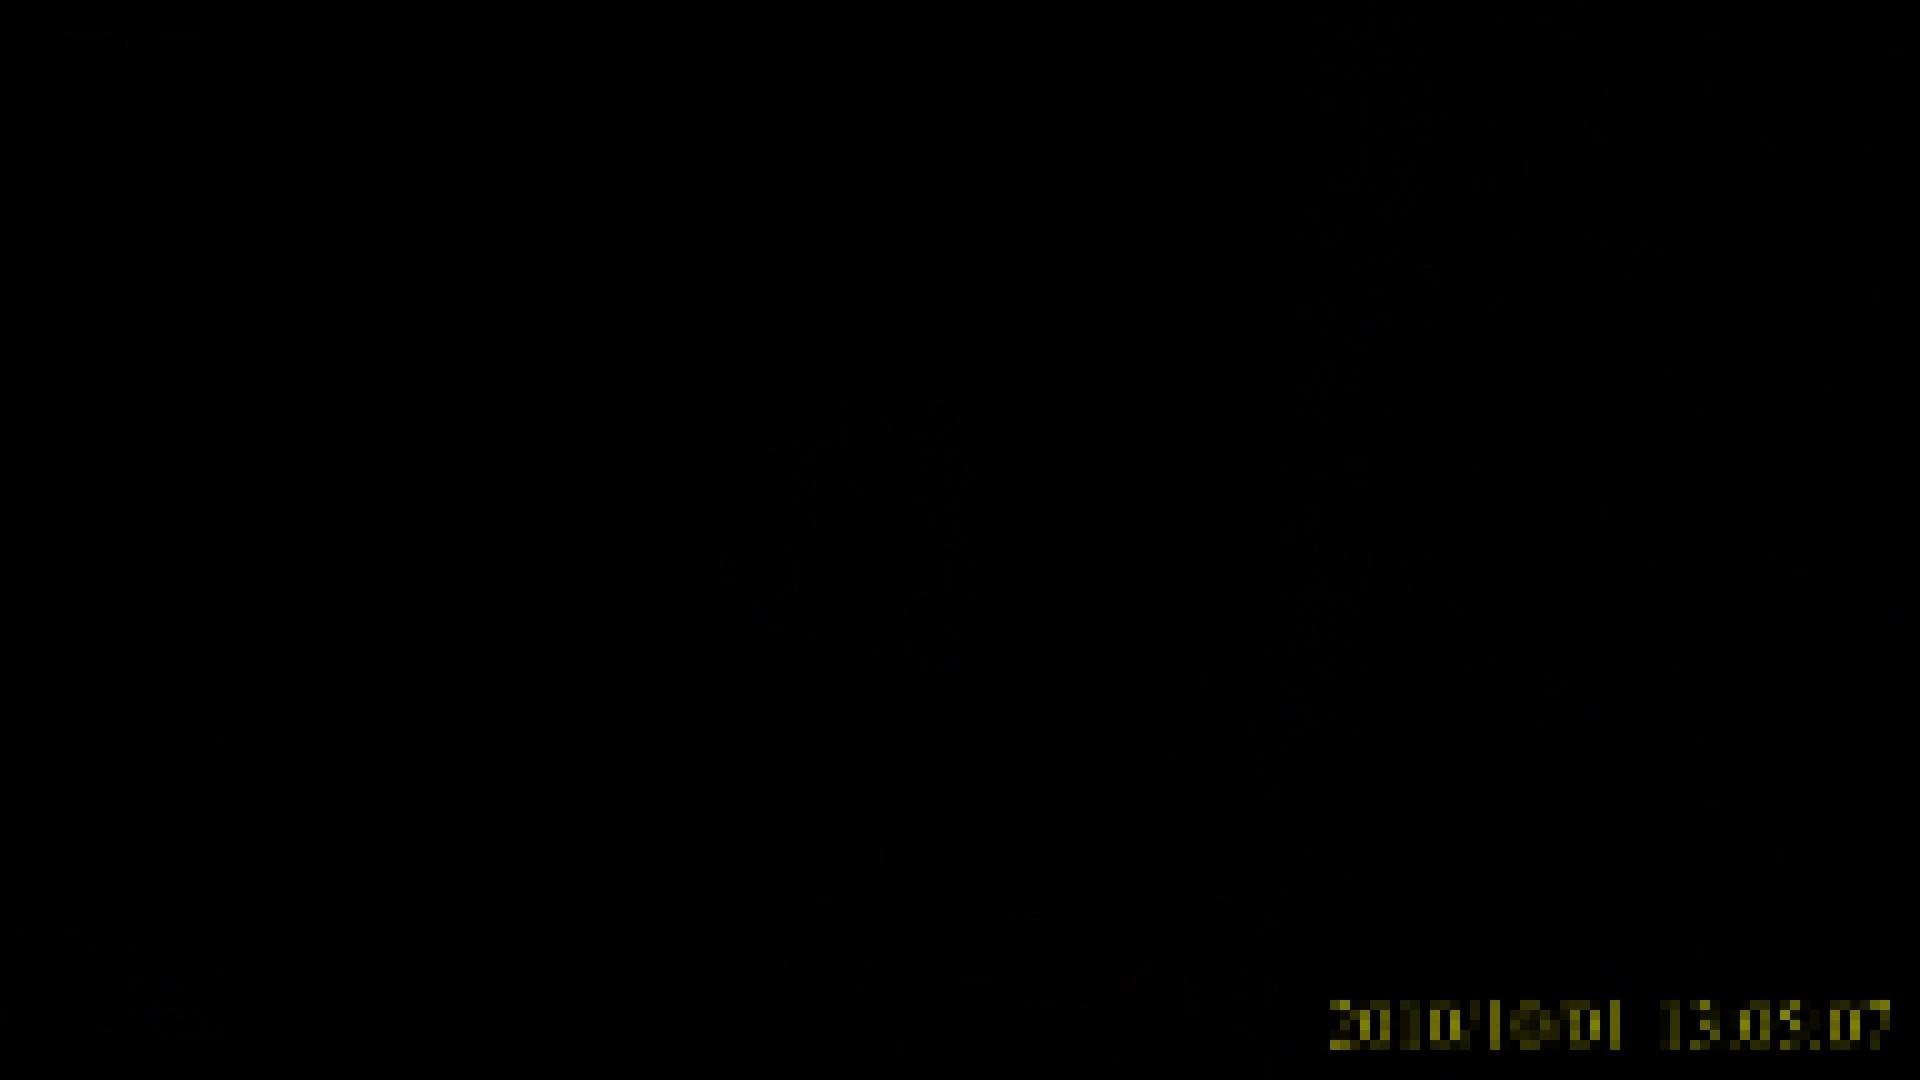 【未公開】vol.96 {茶髪→黒髪ギャル}美巨乳アミちゃん③【前編】 巨乳 おまんこ無修正動画無料 79枚 20